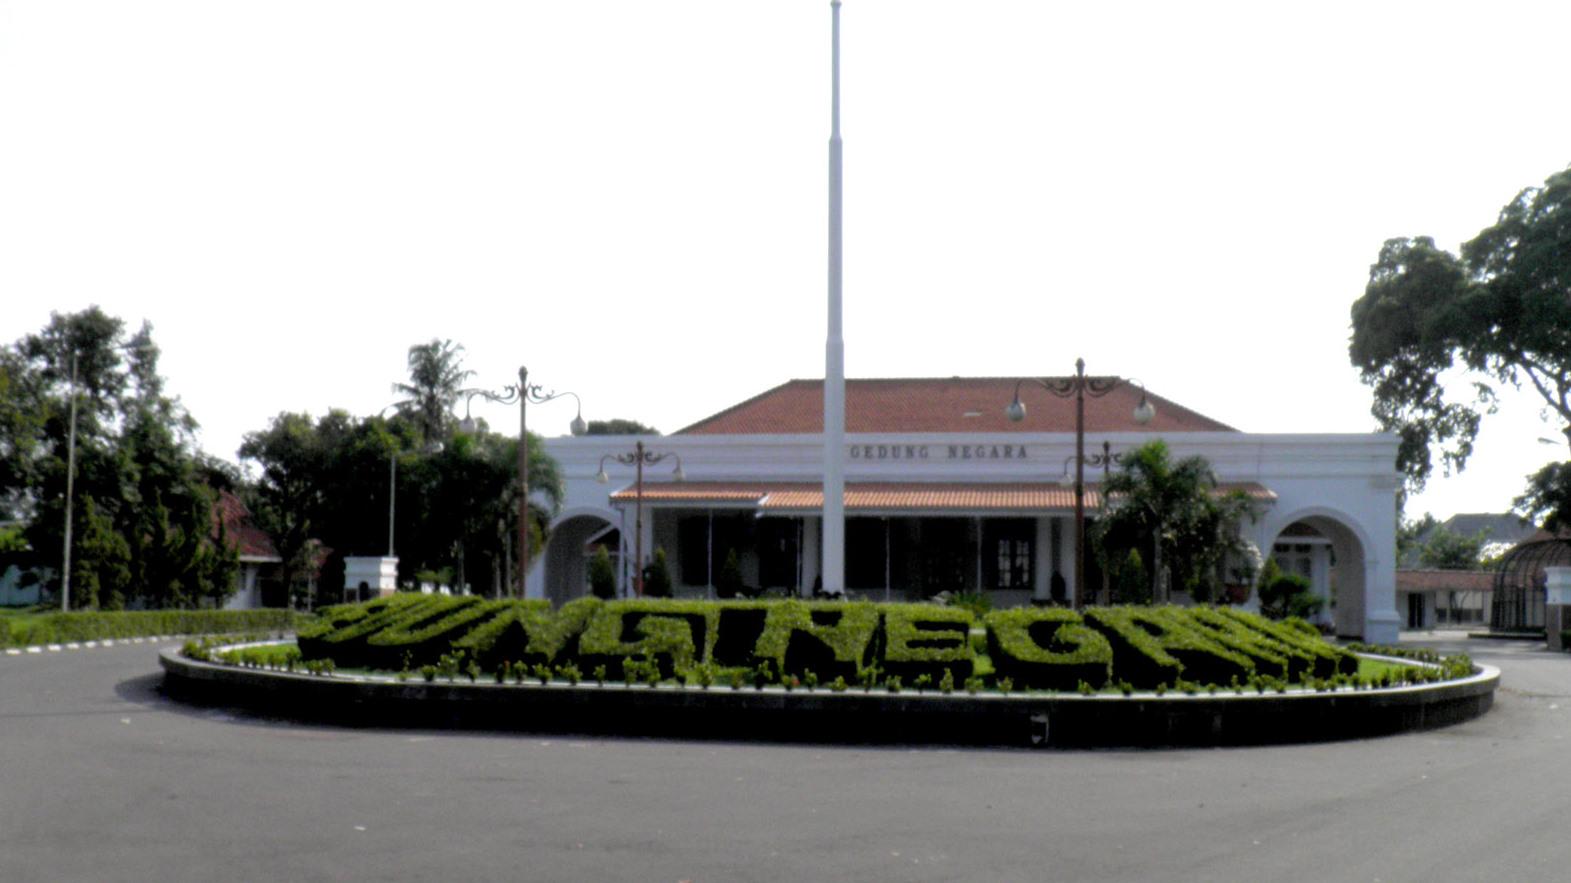 Gedung Negara Karesidenan Cirebon Tetap Terjaga Keasliannya